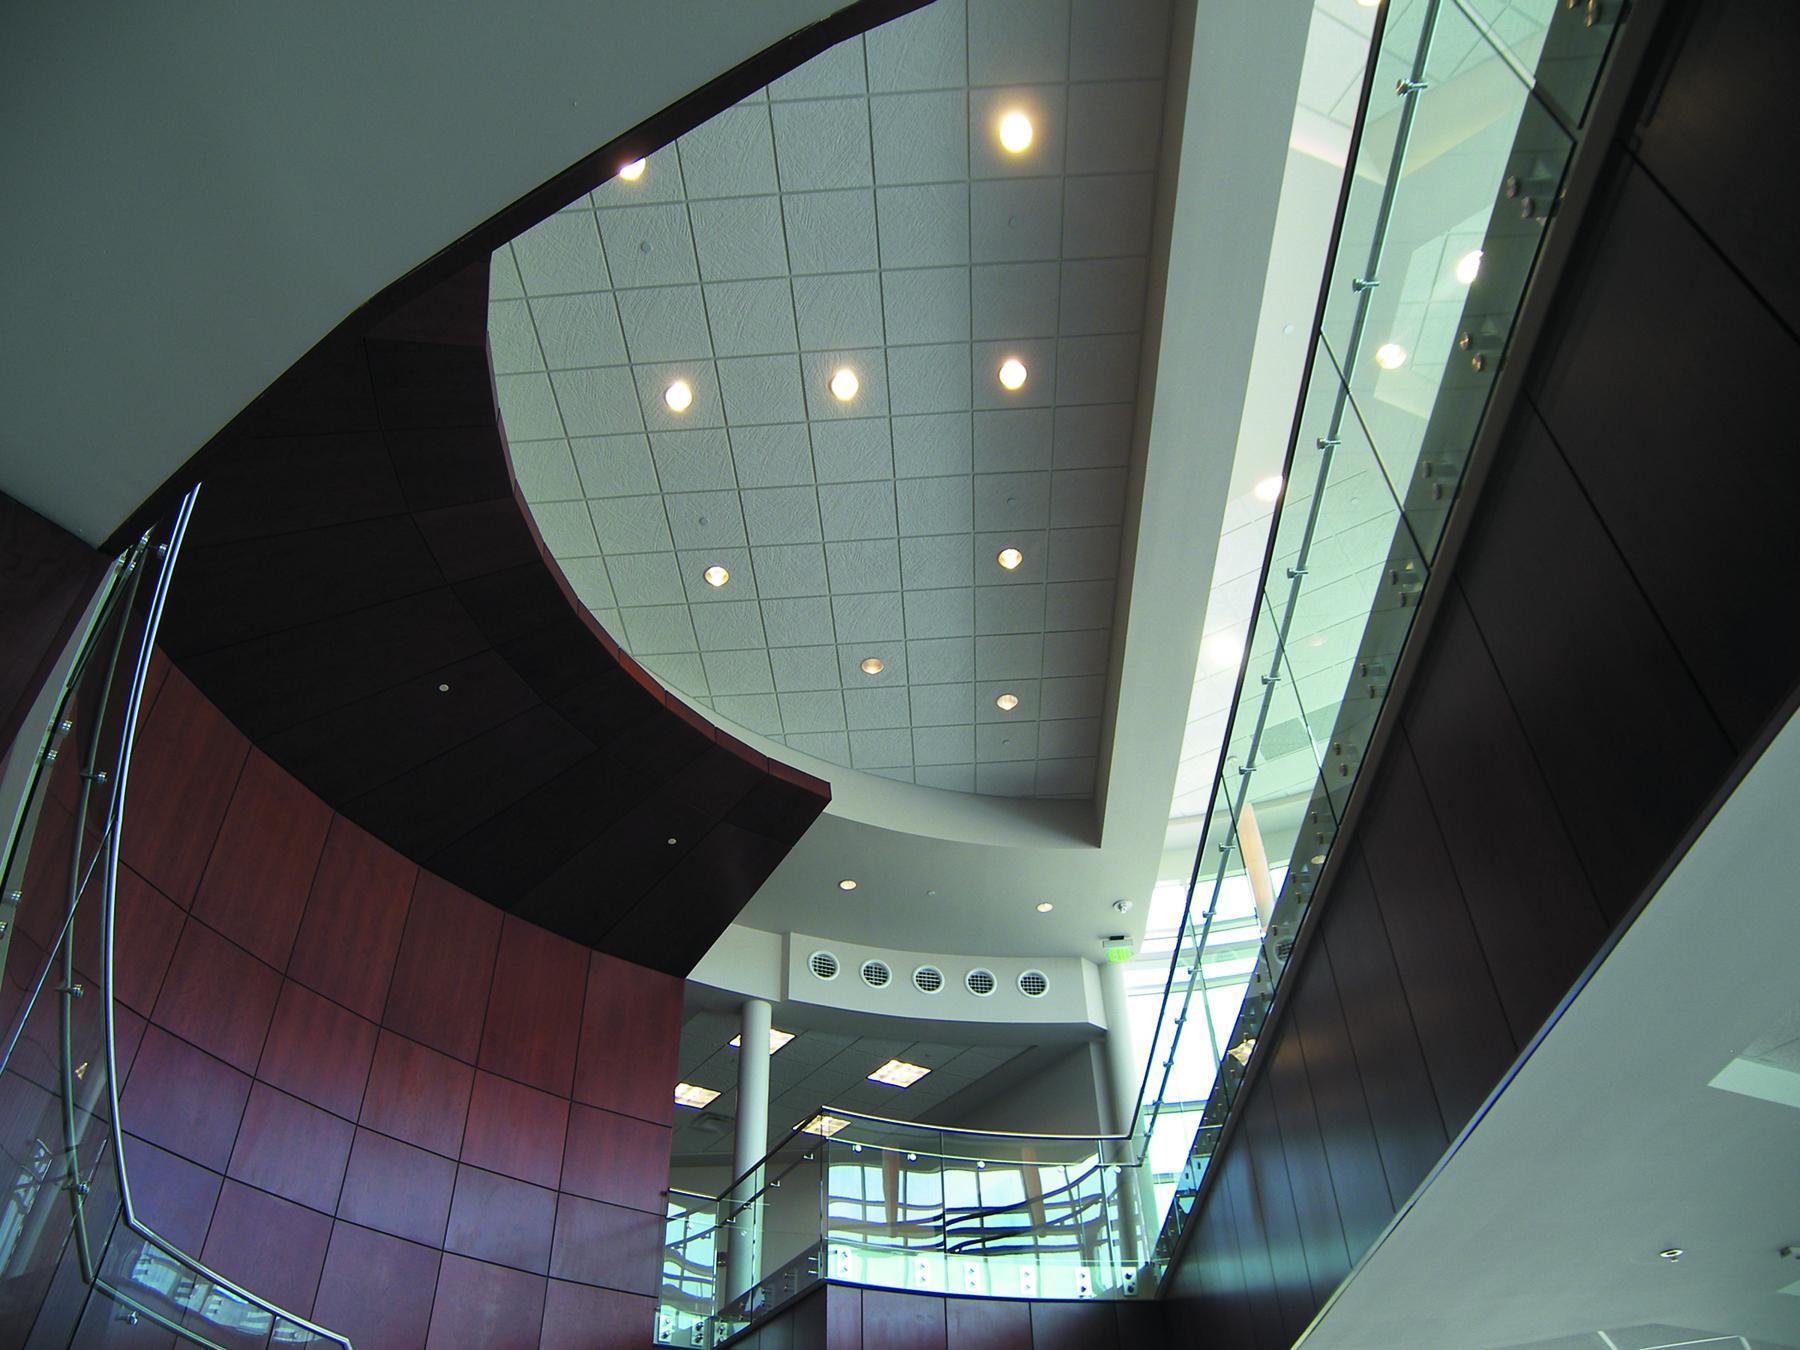 JMU CISAT Library & Dining Hall Interior